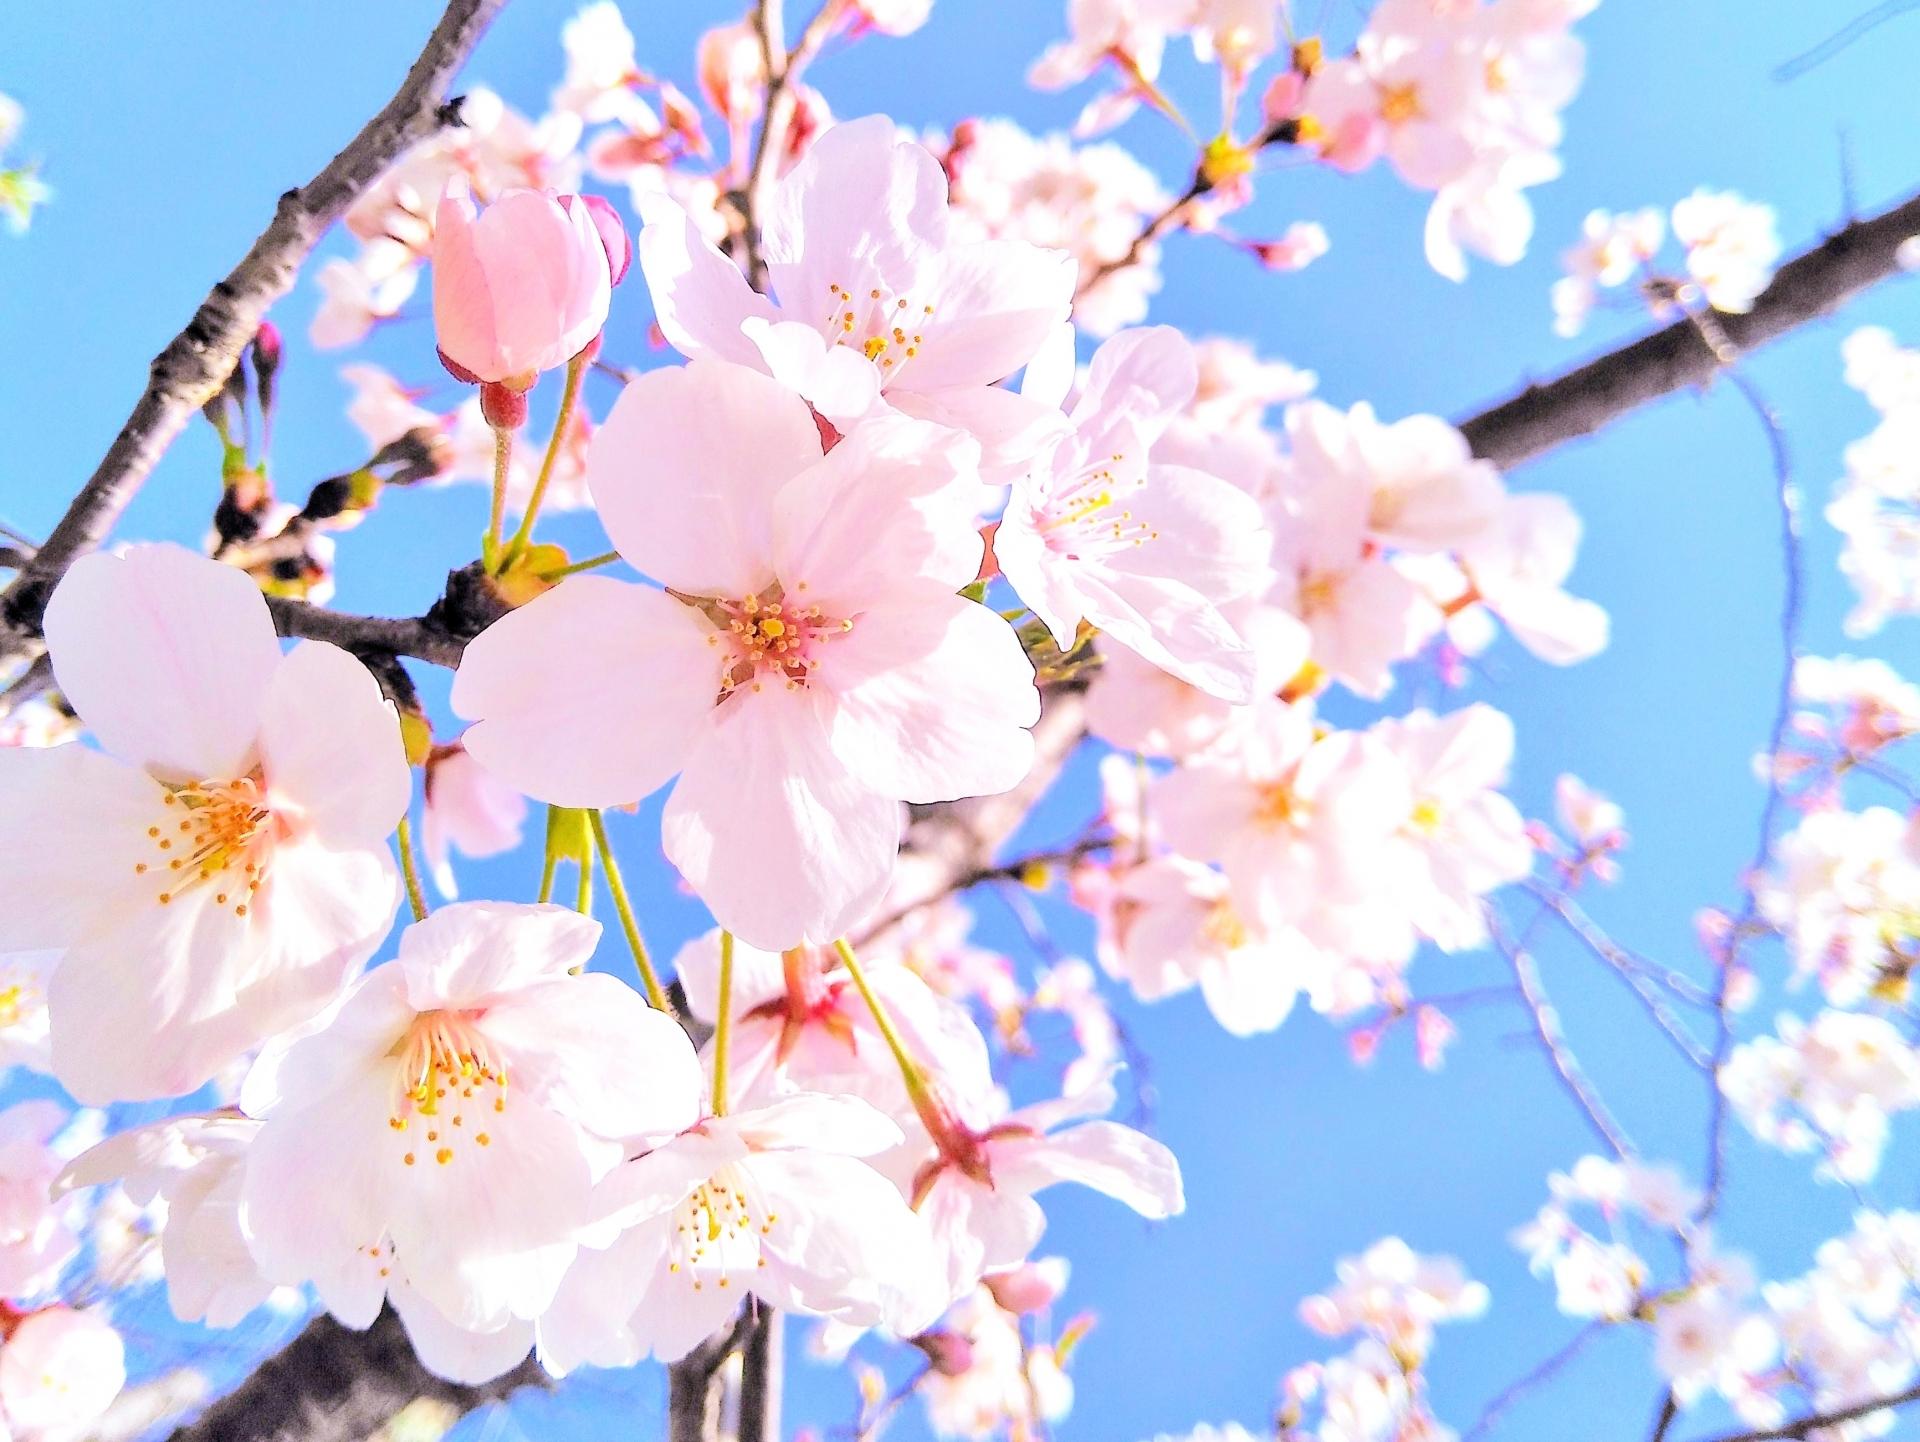 三重県探偵ブログ 春の浮気事情